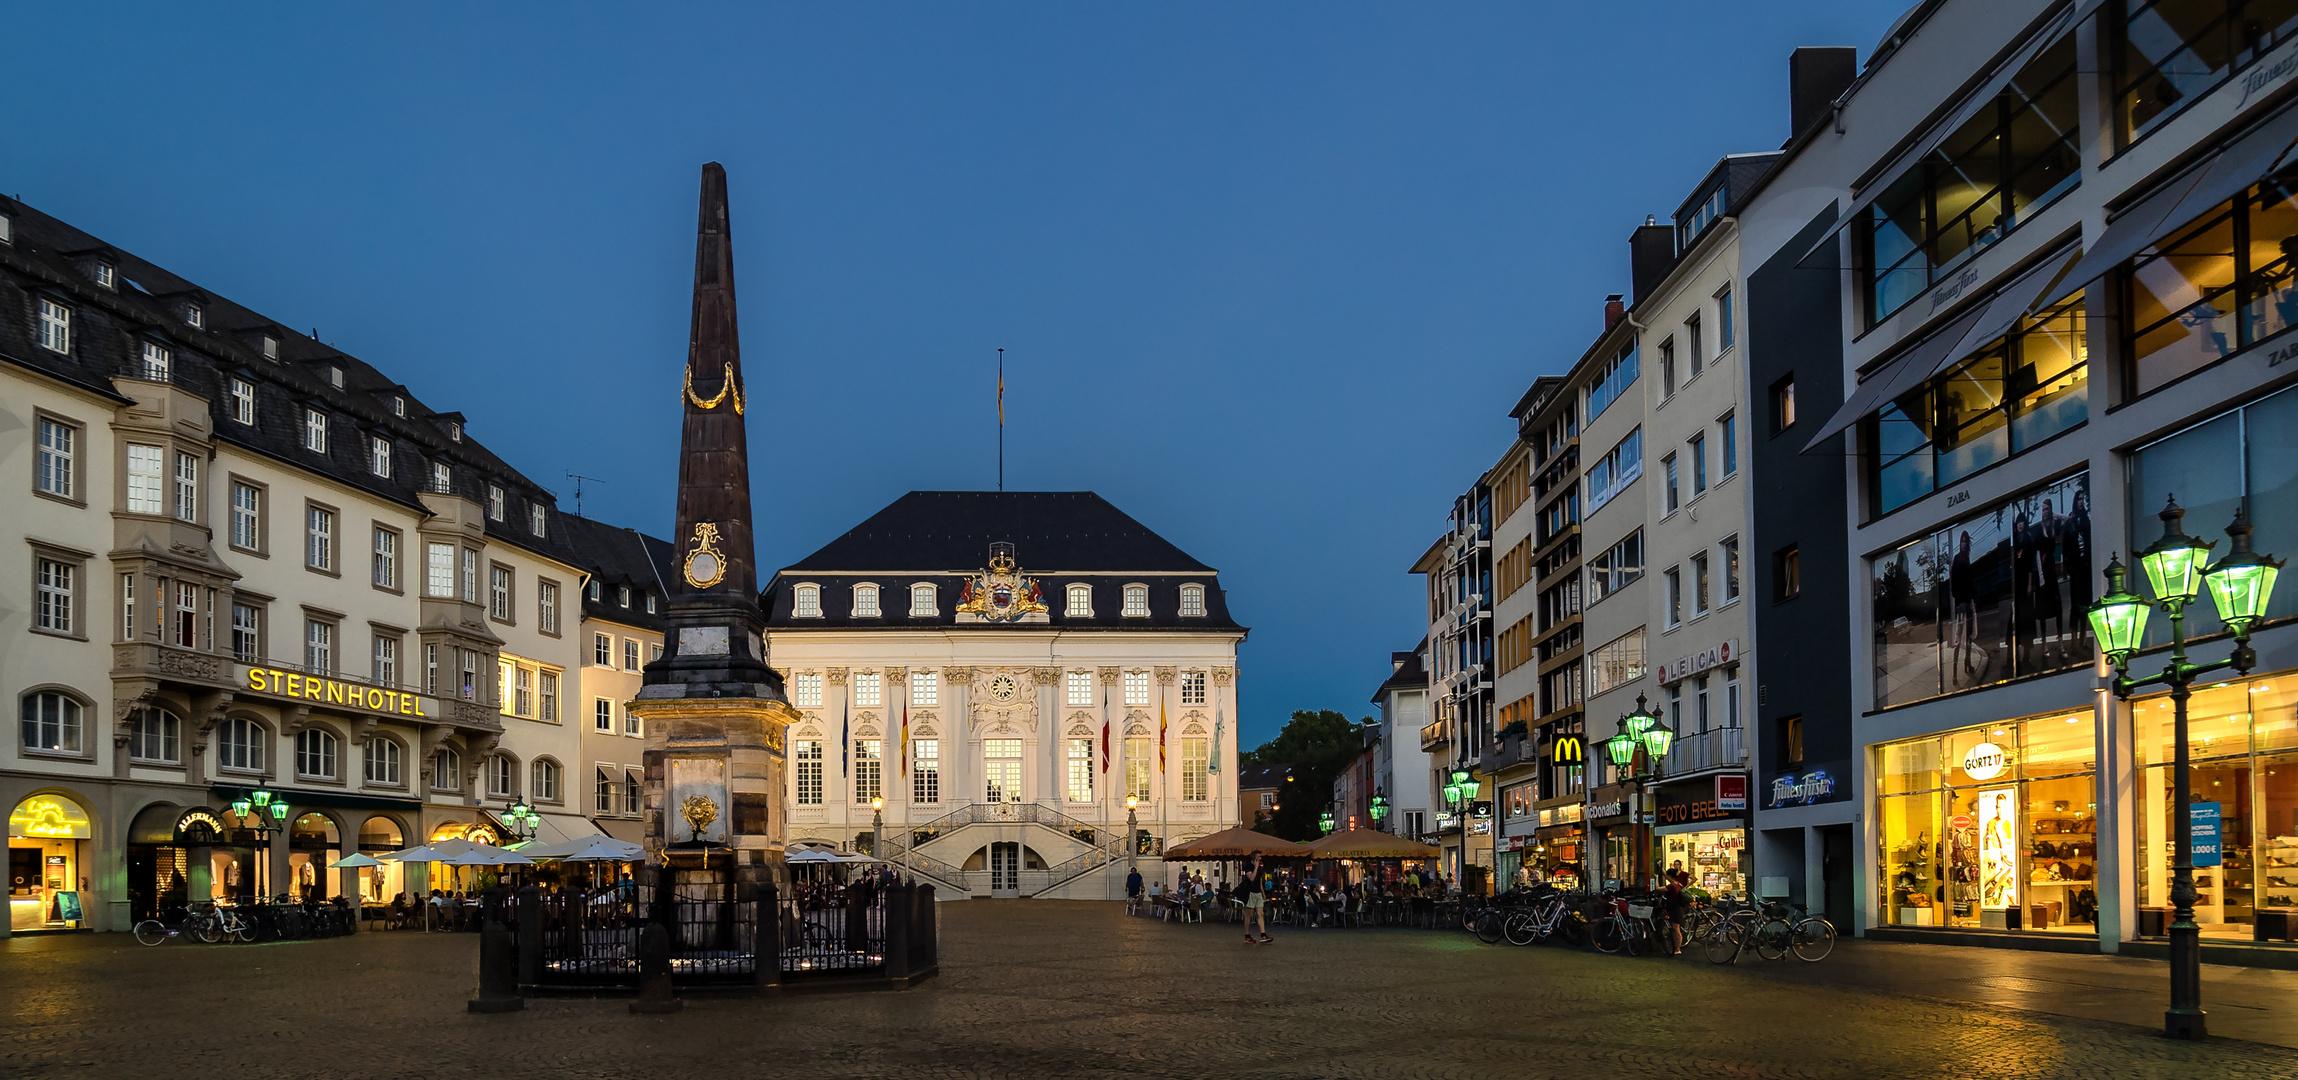 Markt De Sex Bonn